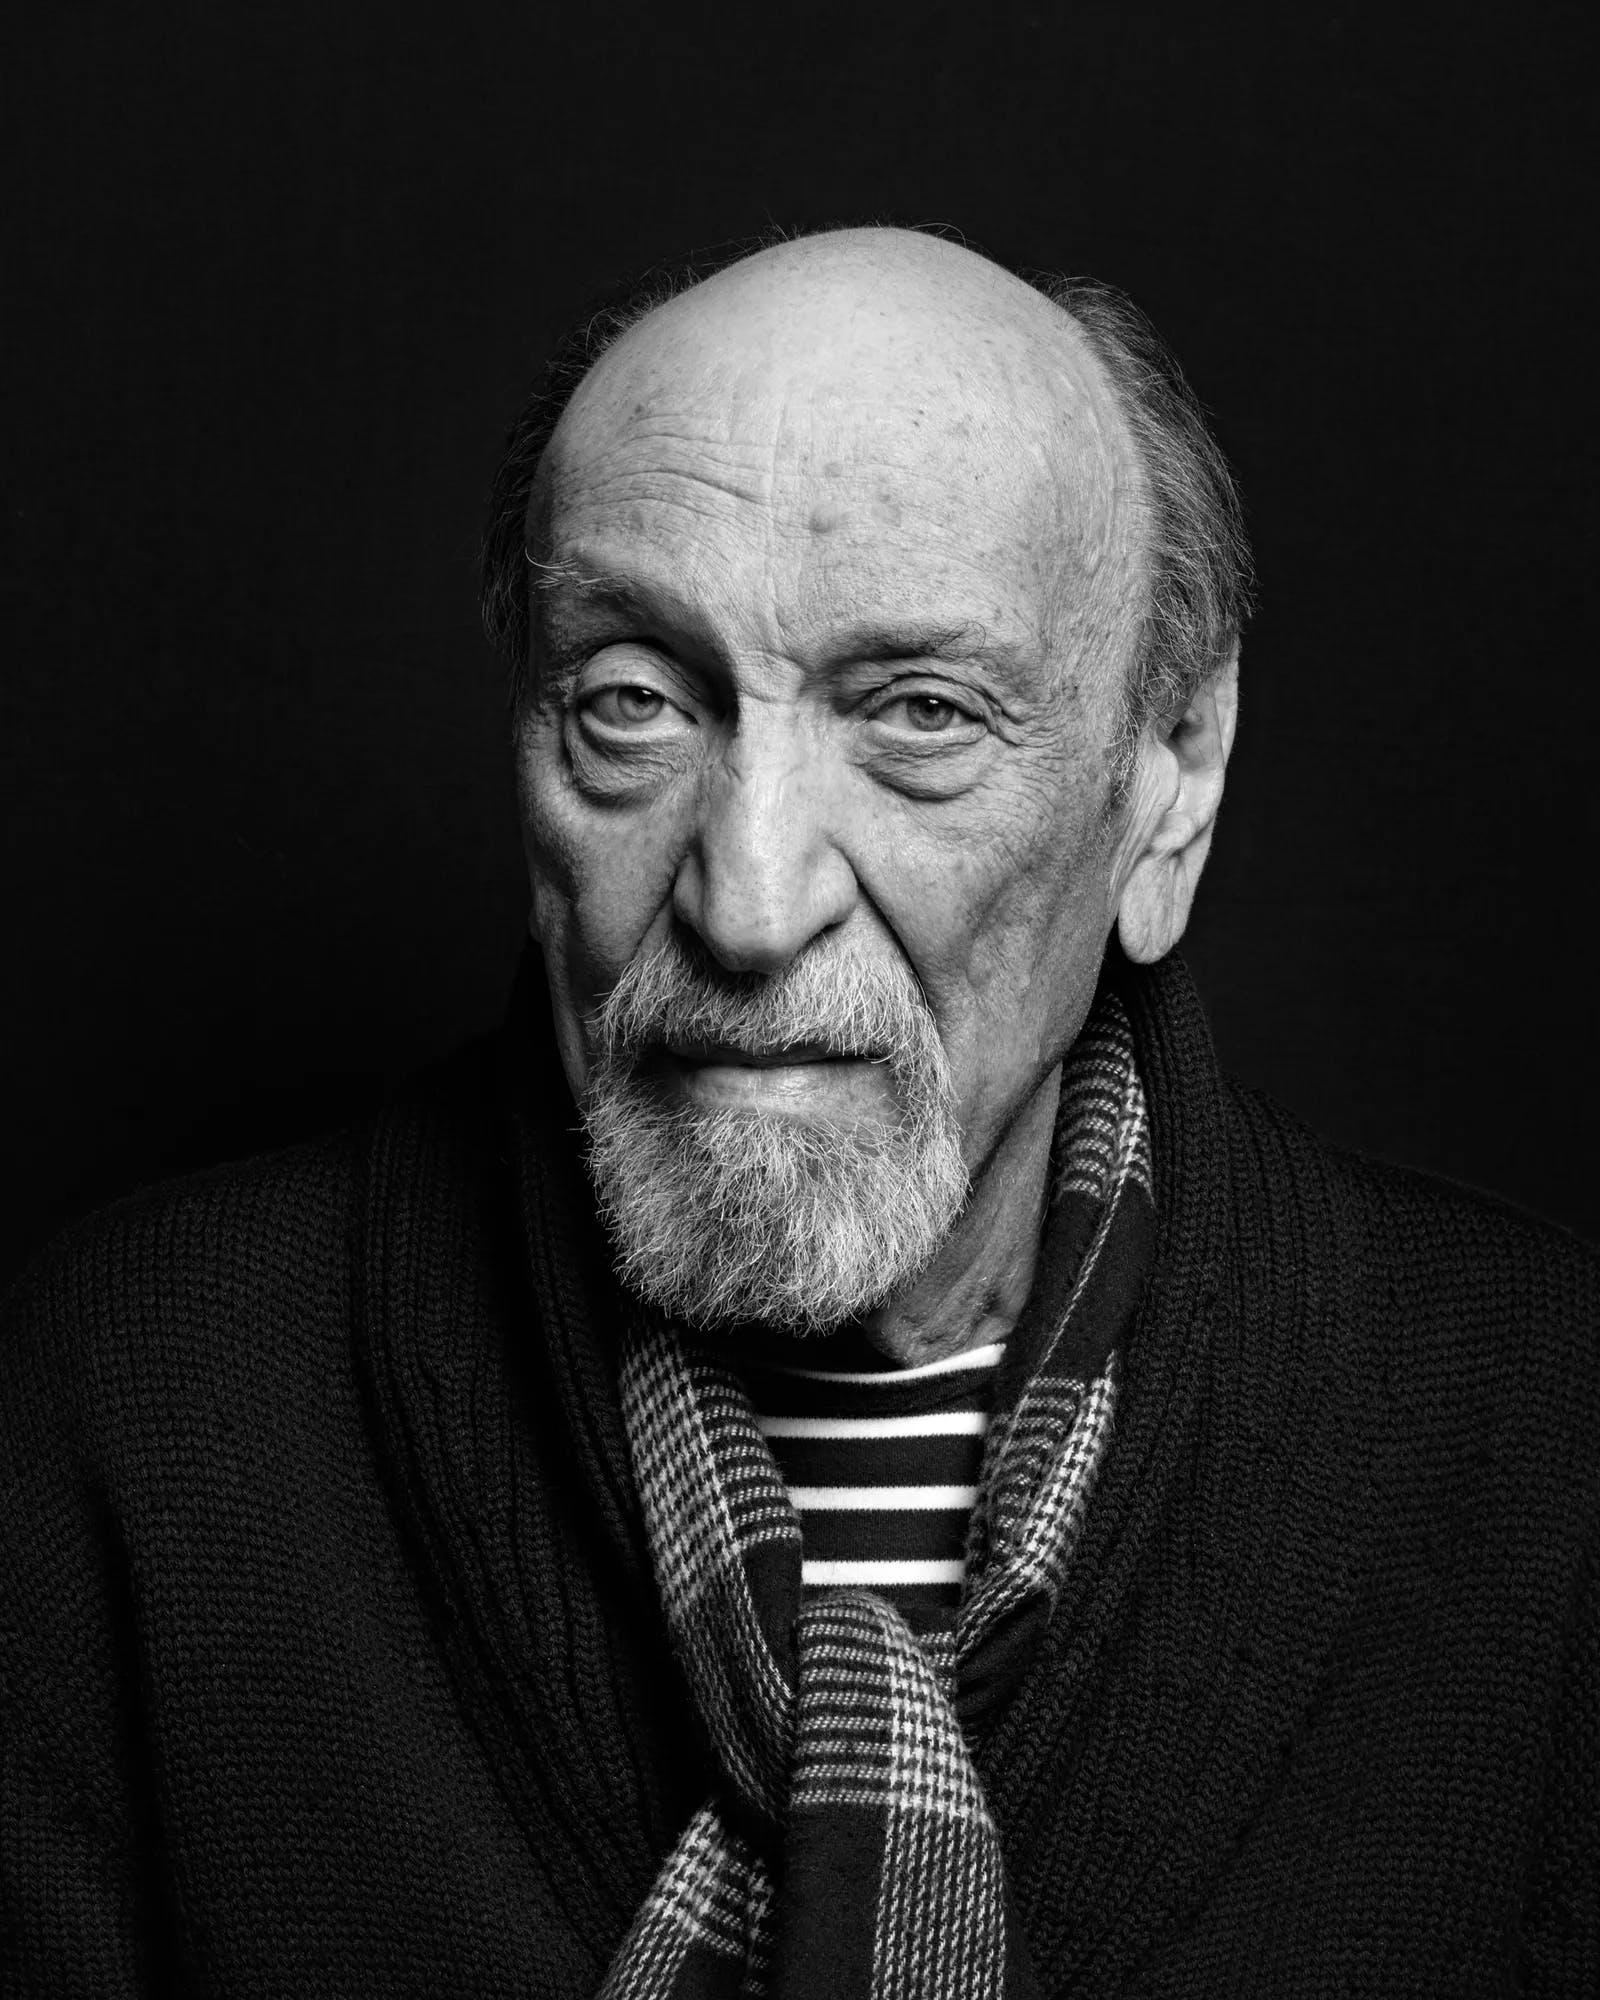 Retrato de Milton Glaser, em preto e branco, olhando para a câmera.